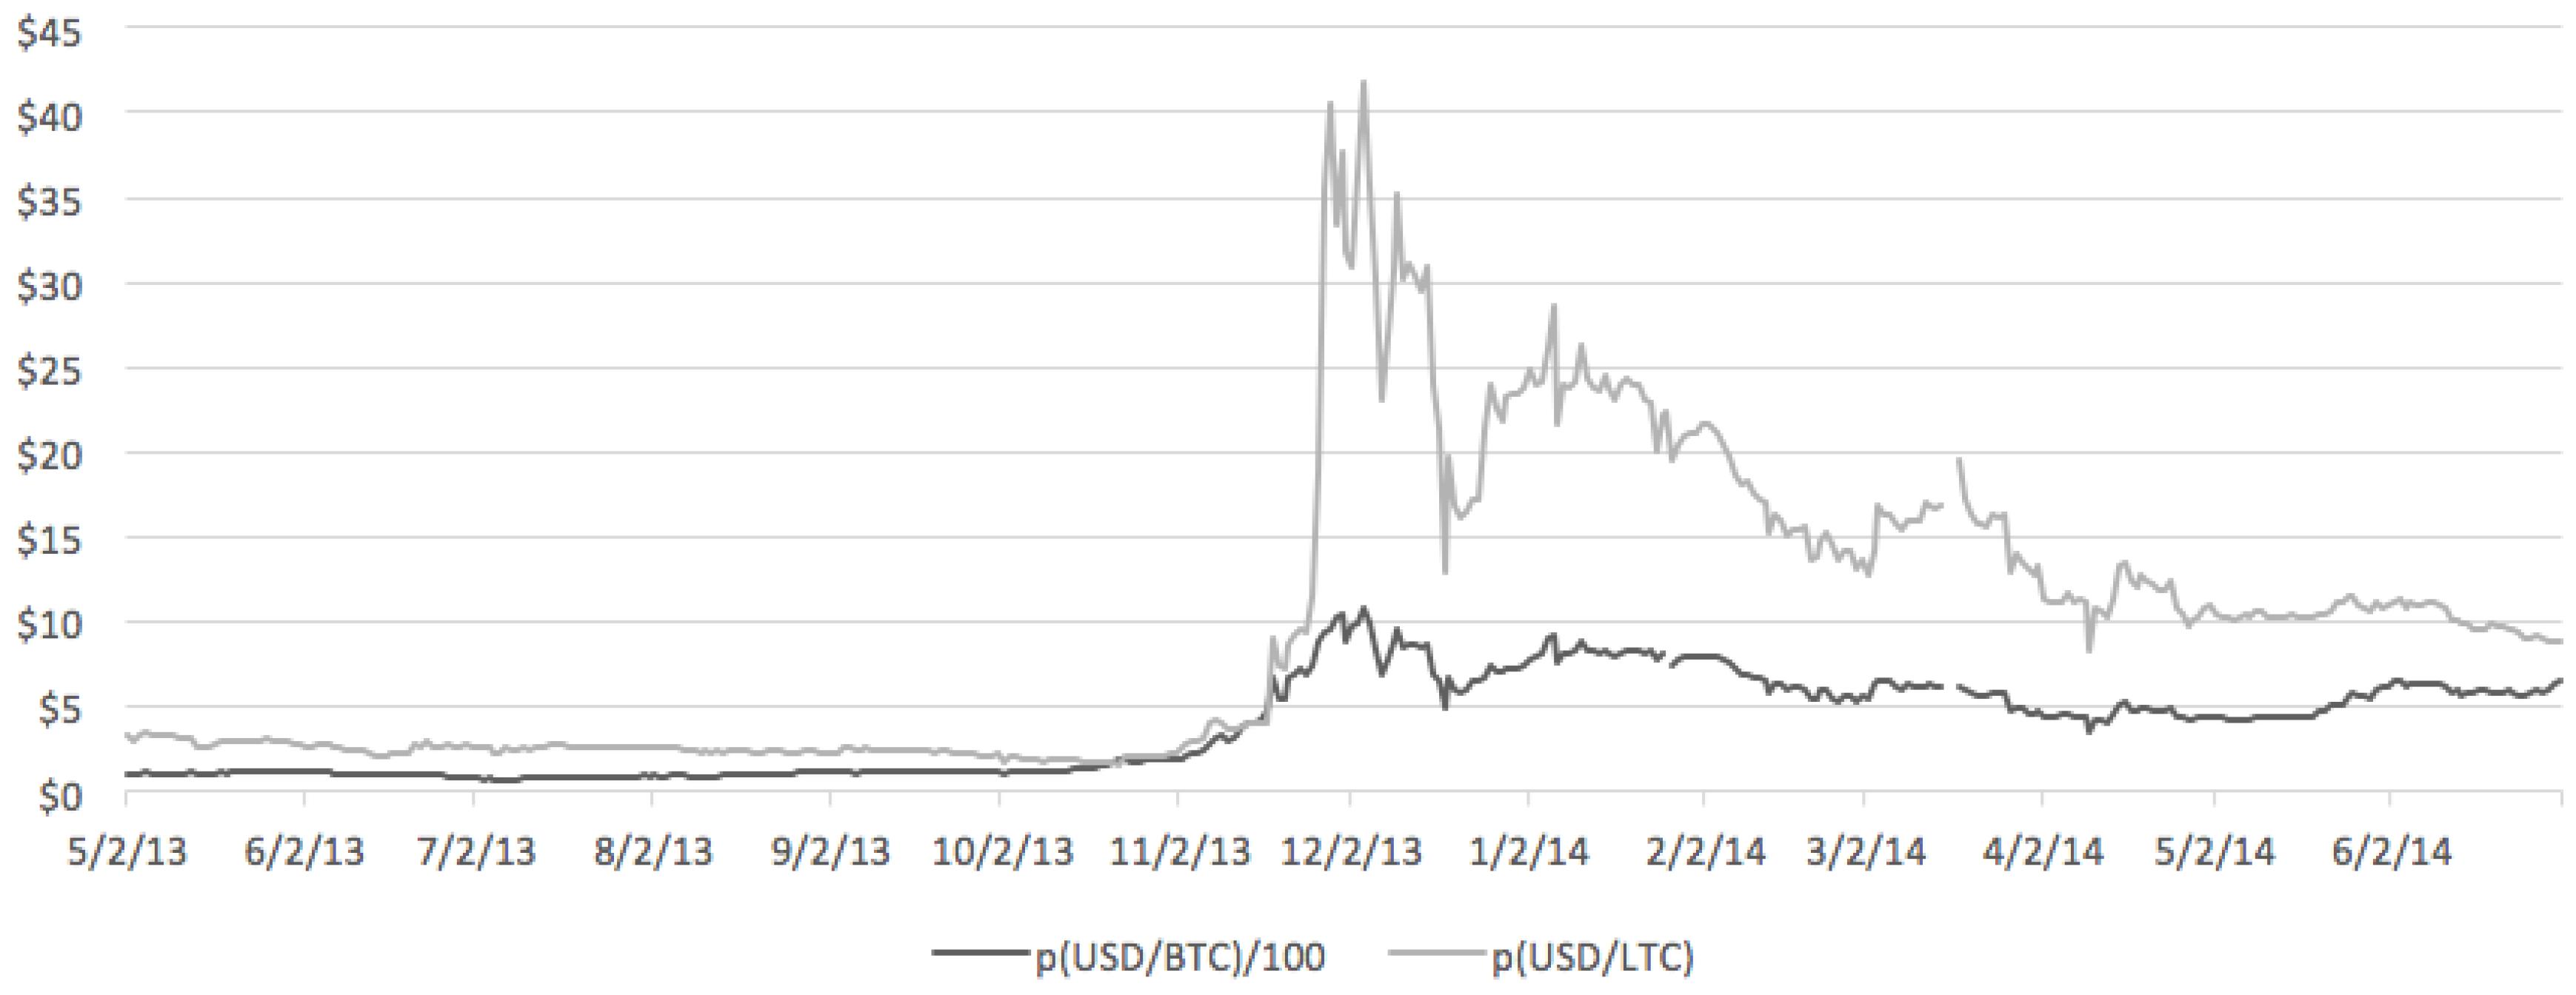 Solana (SOL) verso USD valore? Secondo analisti è undervalued